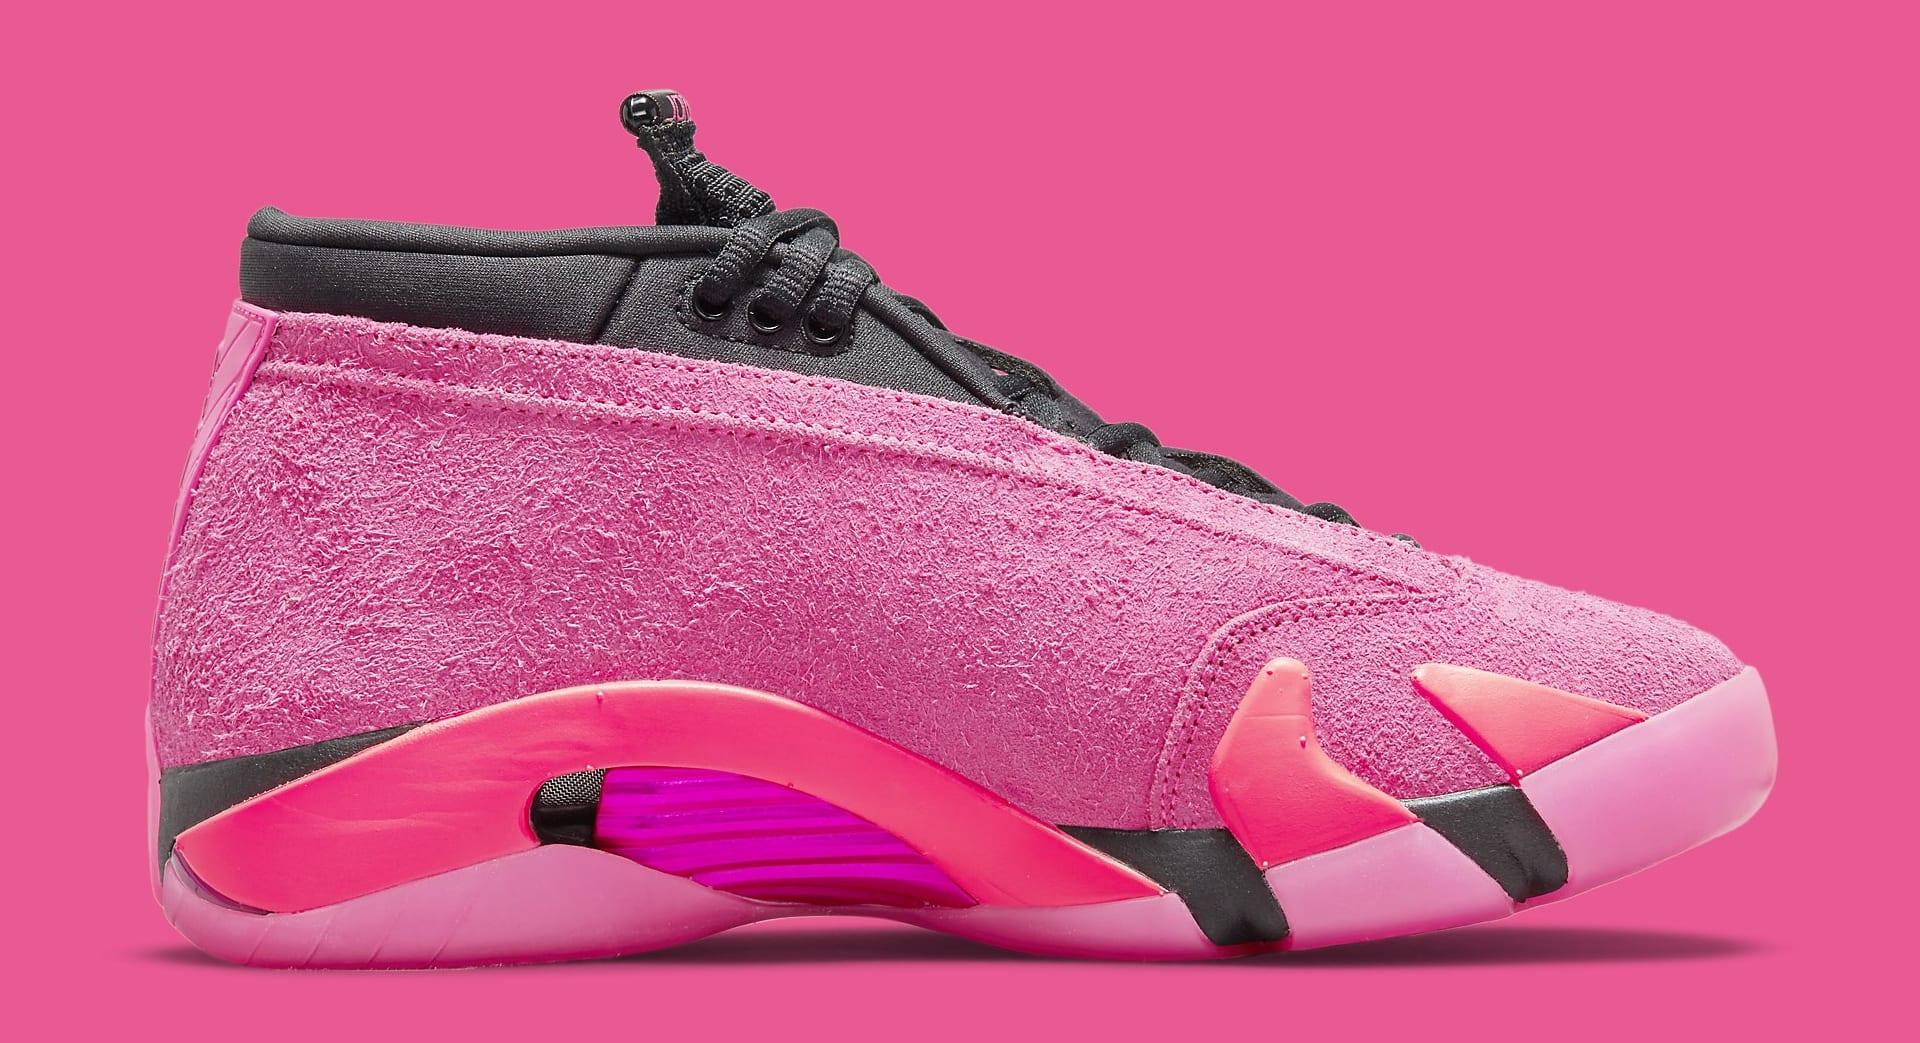 Air Jordan 14 Women's 'Shocking Pink' DH4121 600 Medial